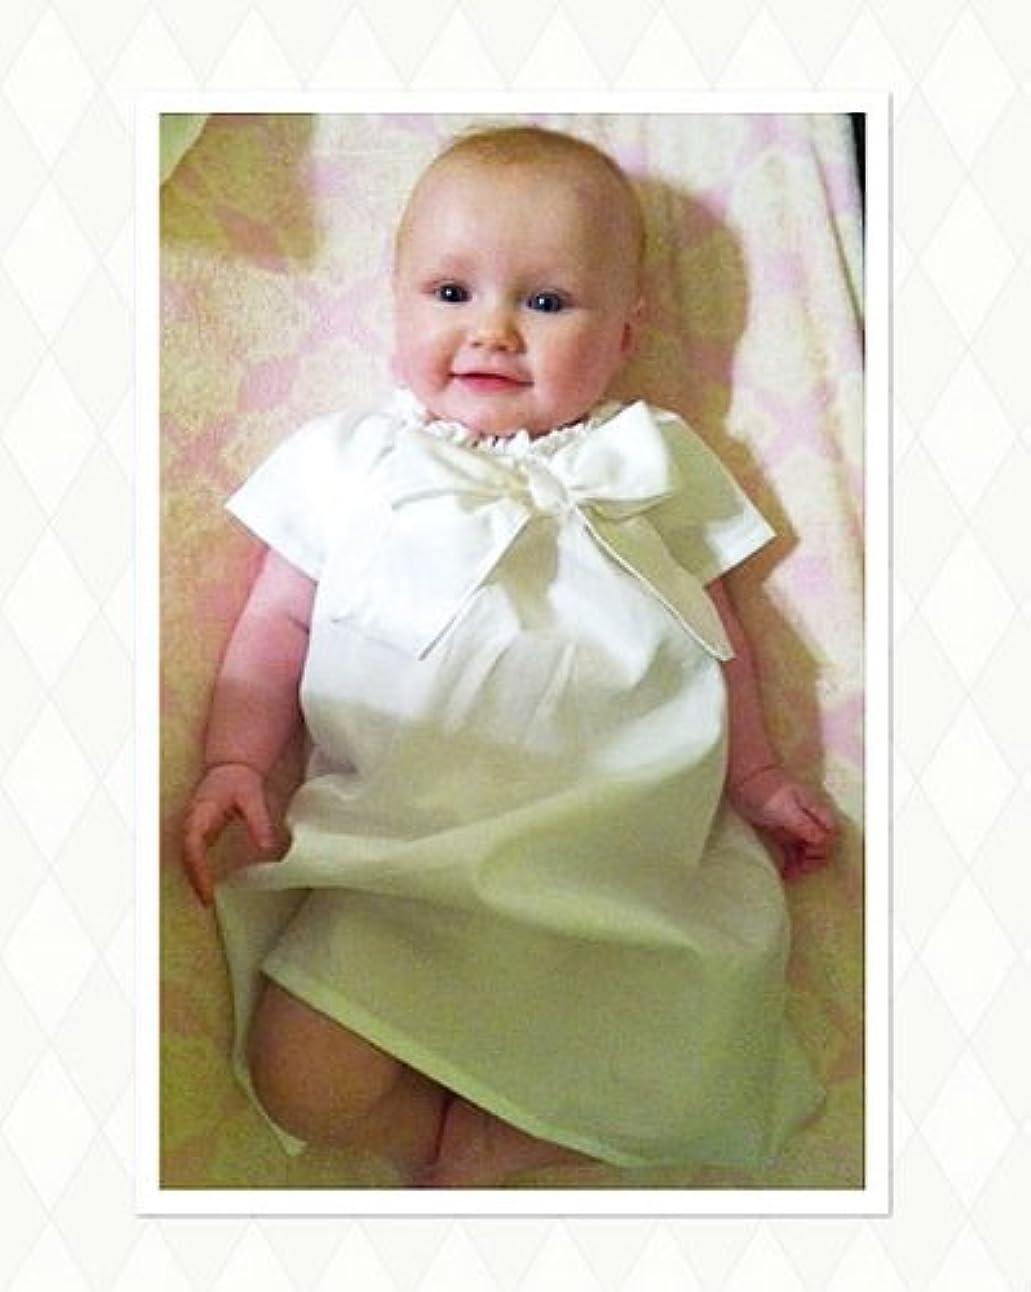 子羊音楽線ベビードレス☆シンプルリボン「BASIC BOW 」★フリフリの総レースが苦手なママさんに選ばれています。出産祝い?赤ちゃんのセレモニーに退院時新生児ベビーに着せたいシンプルなドレス。お宮参りの撮影にも大活躍!